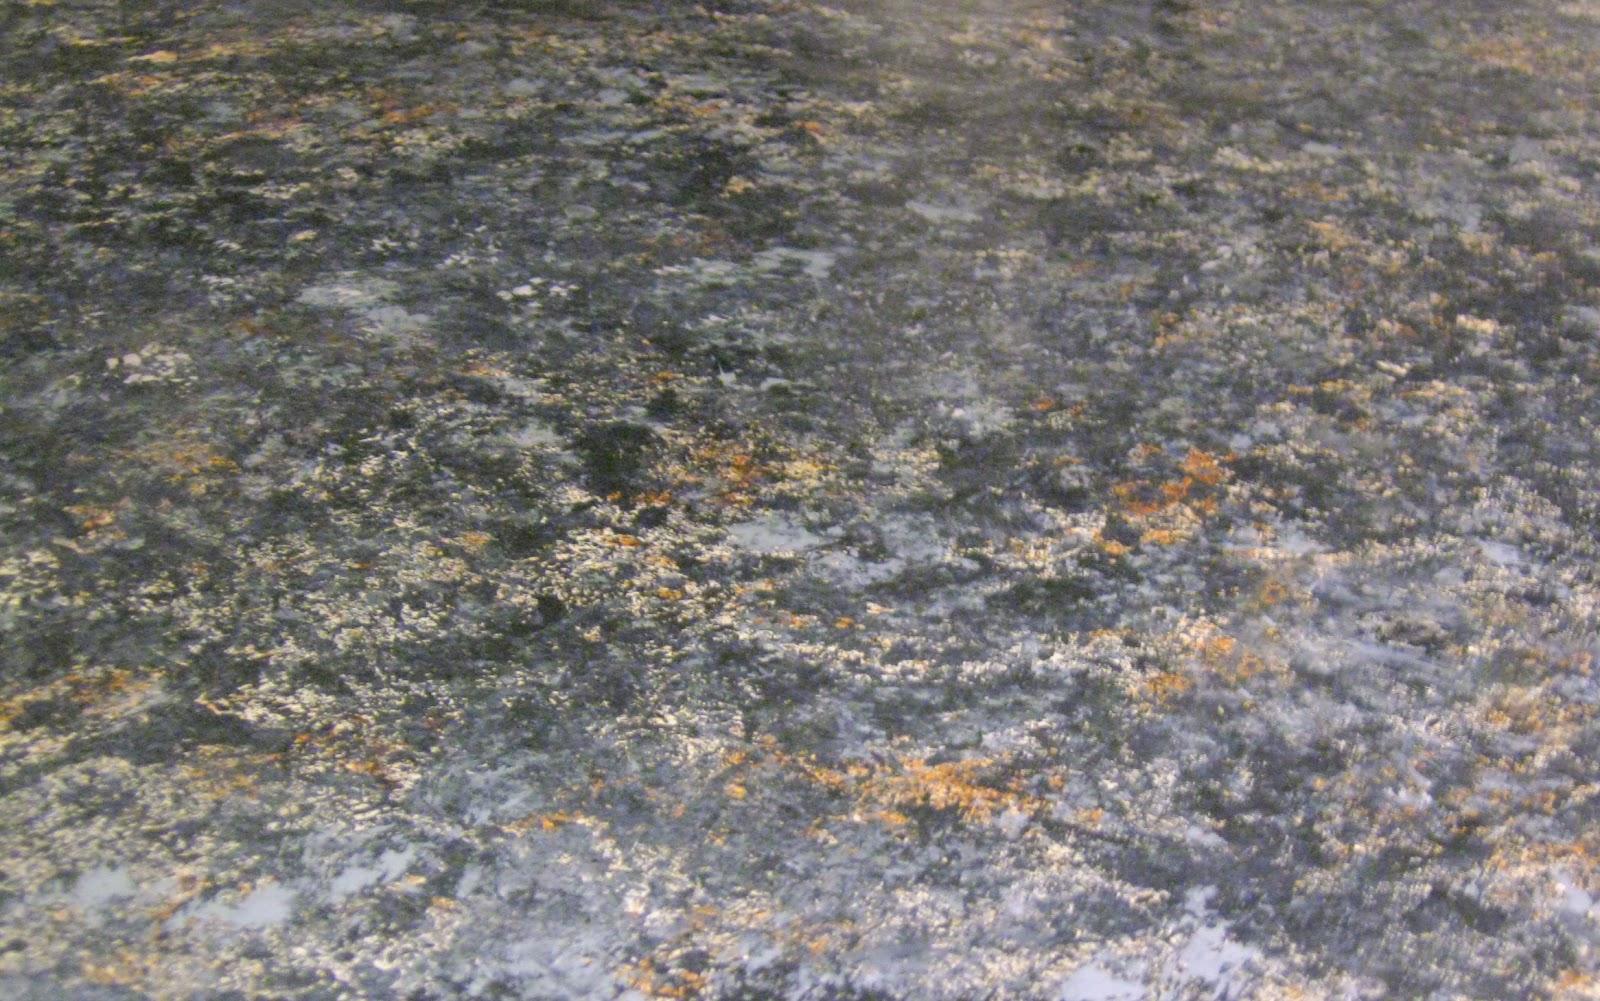 Swamp Hollow Designs: My $40 Faux-Granite Countertops - Tutorial